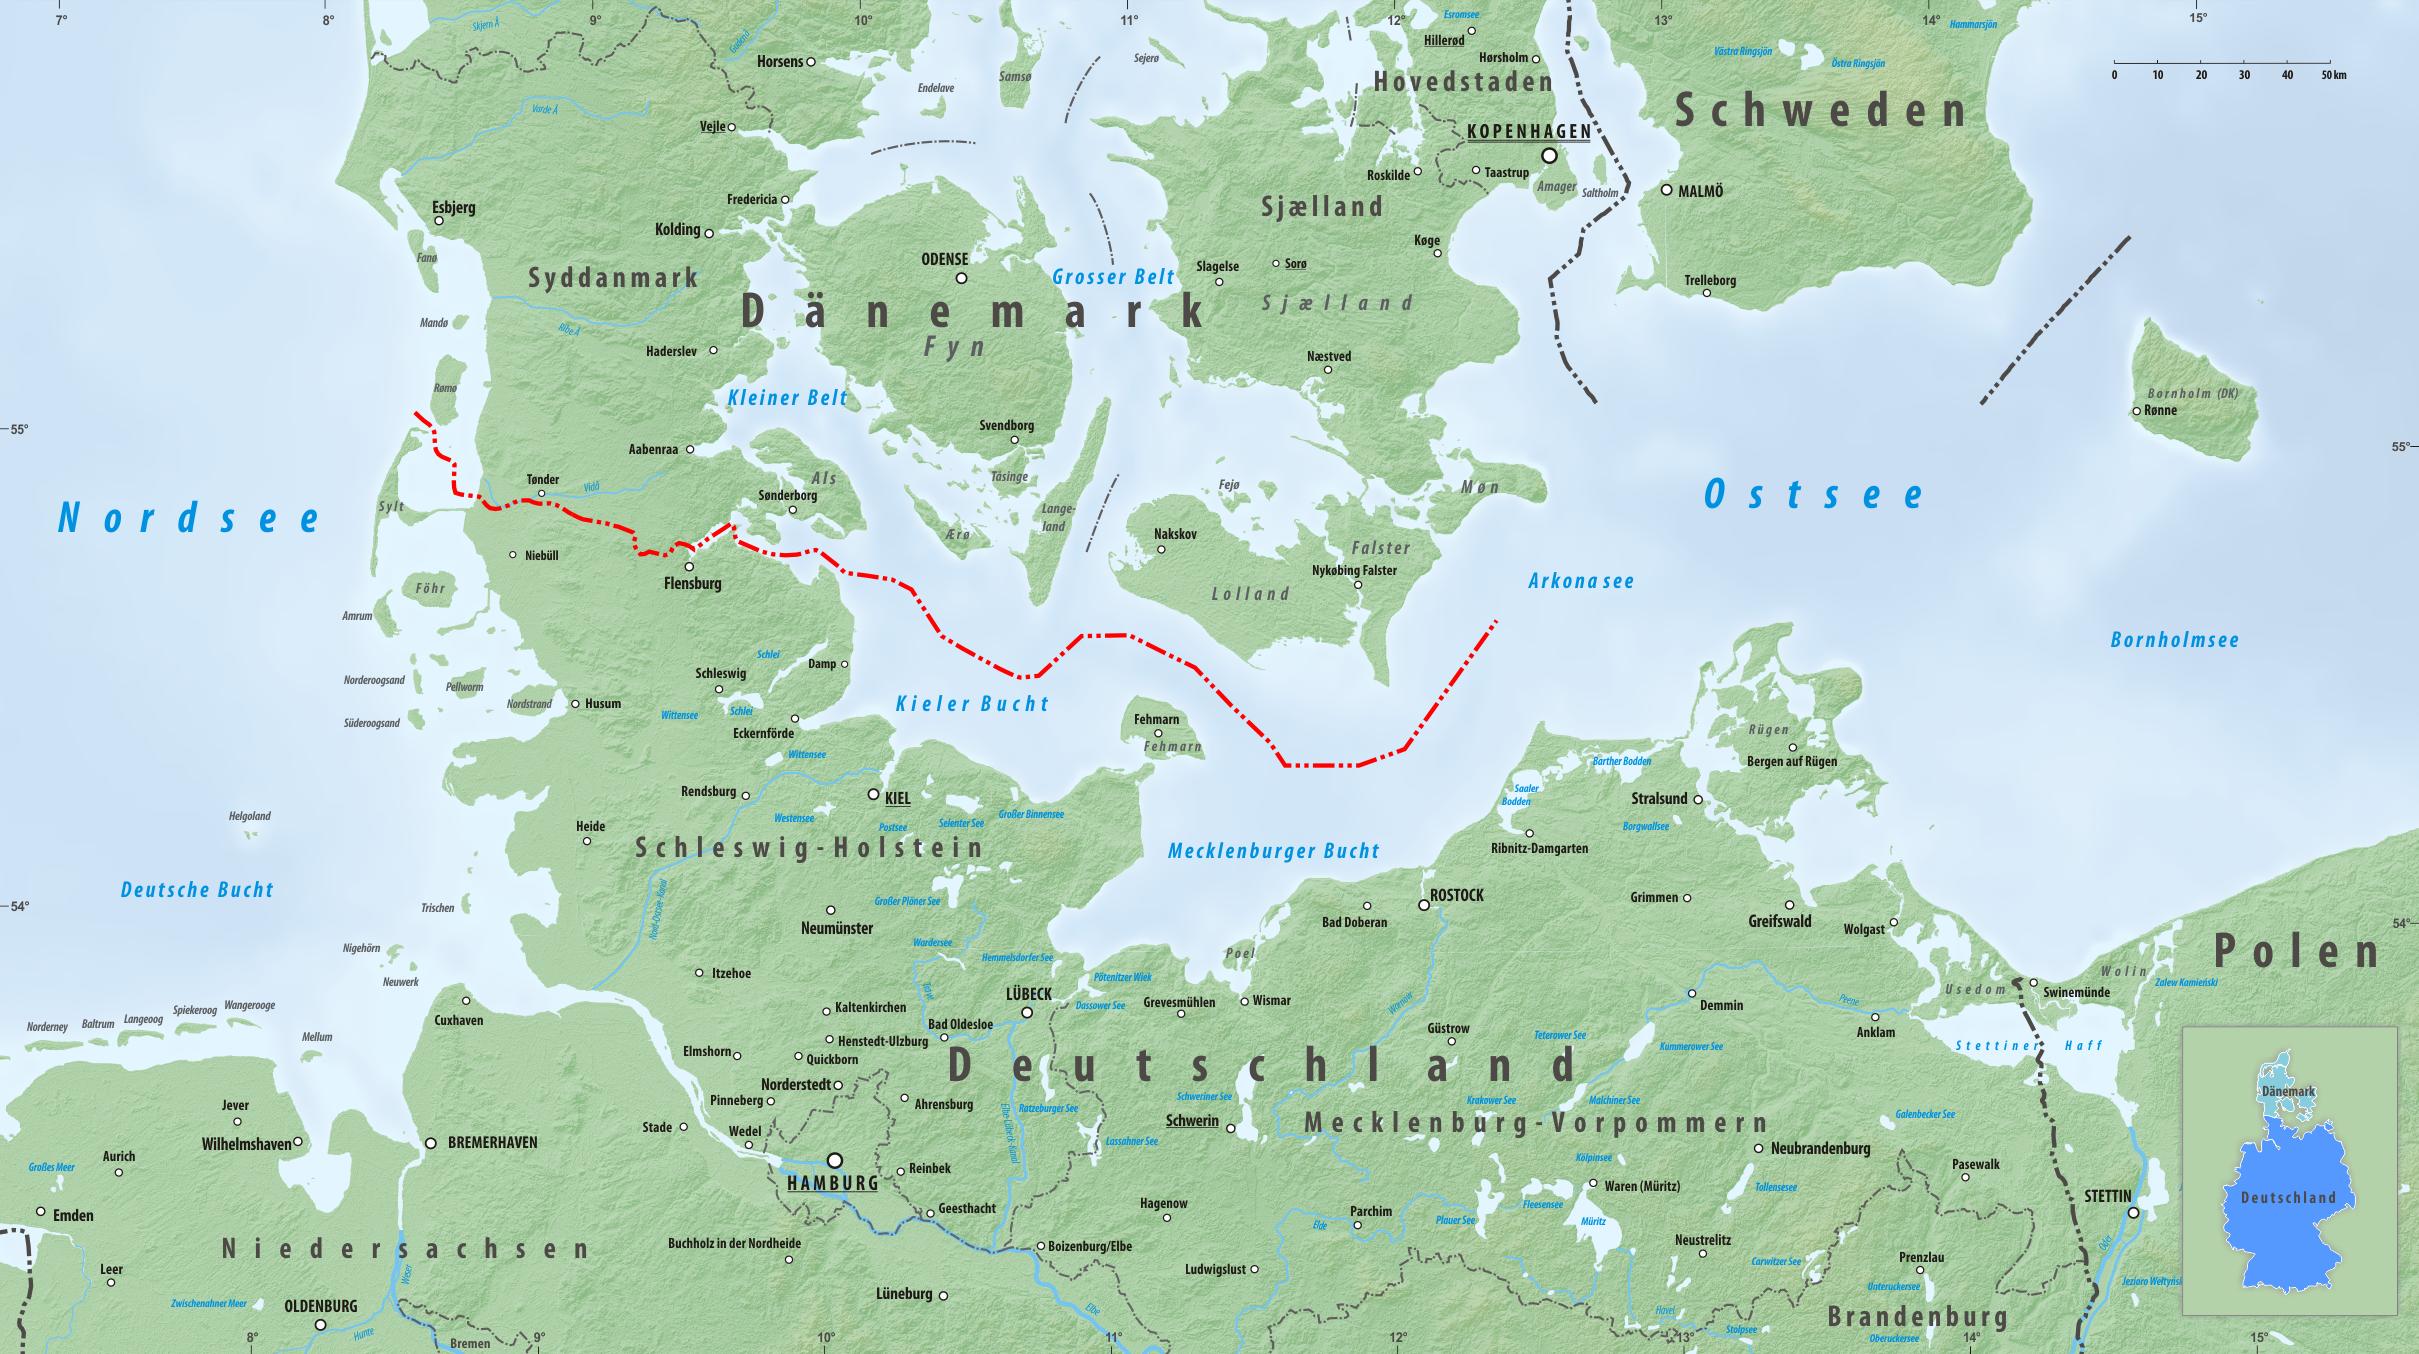 deutschland dänemark landkarte Grenze zwischen Dänemark und Deutschland – Wikipedia